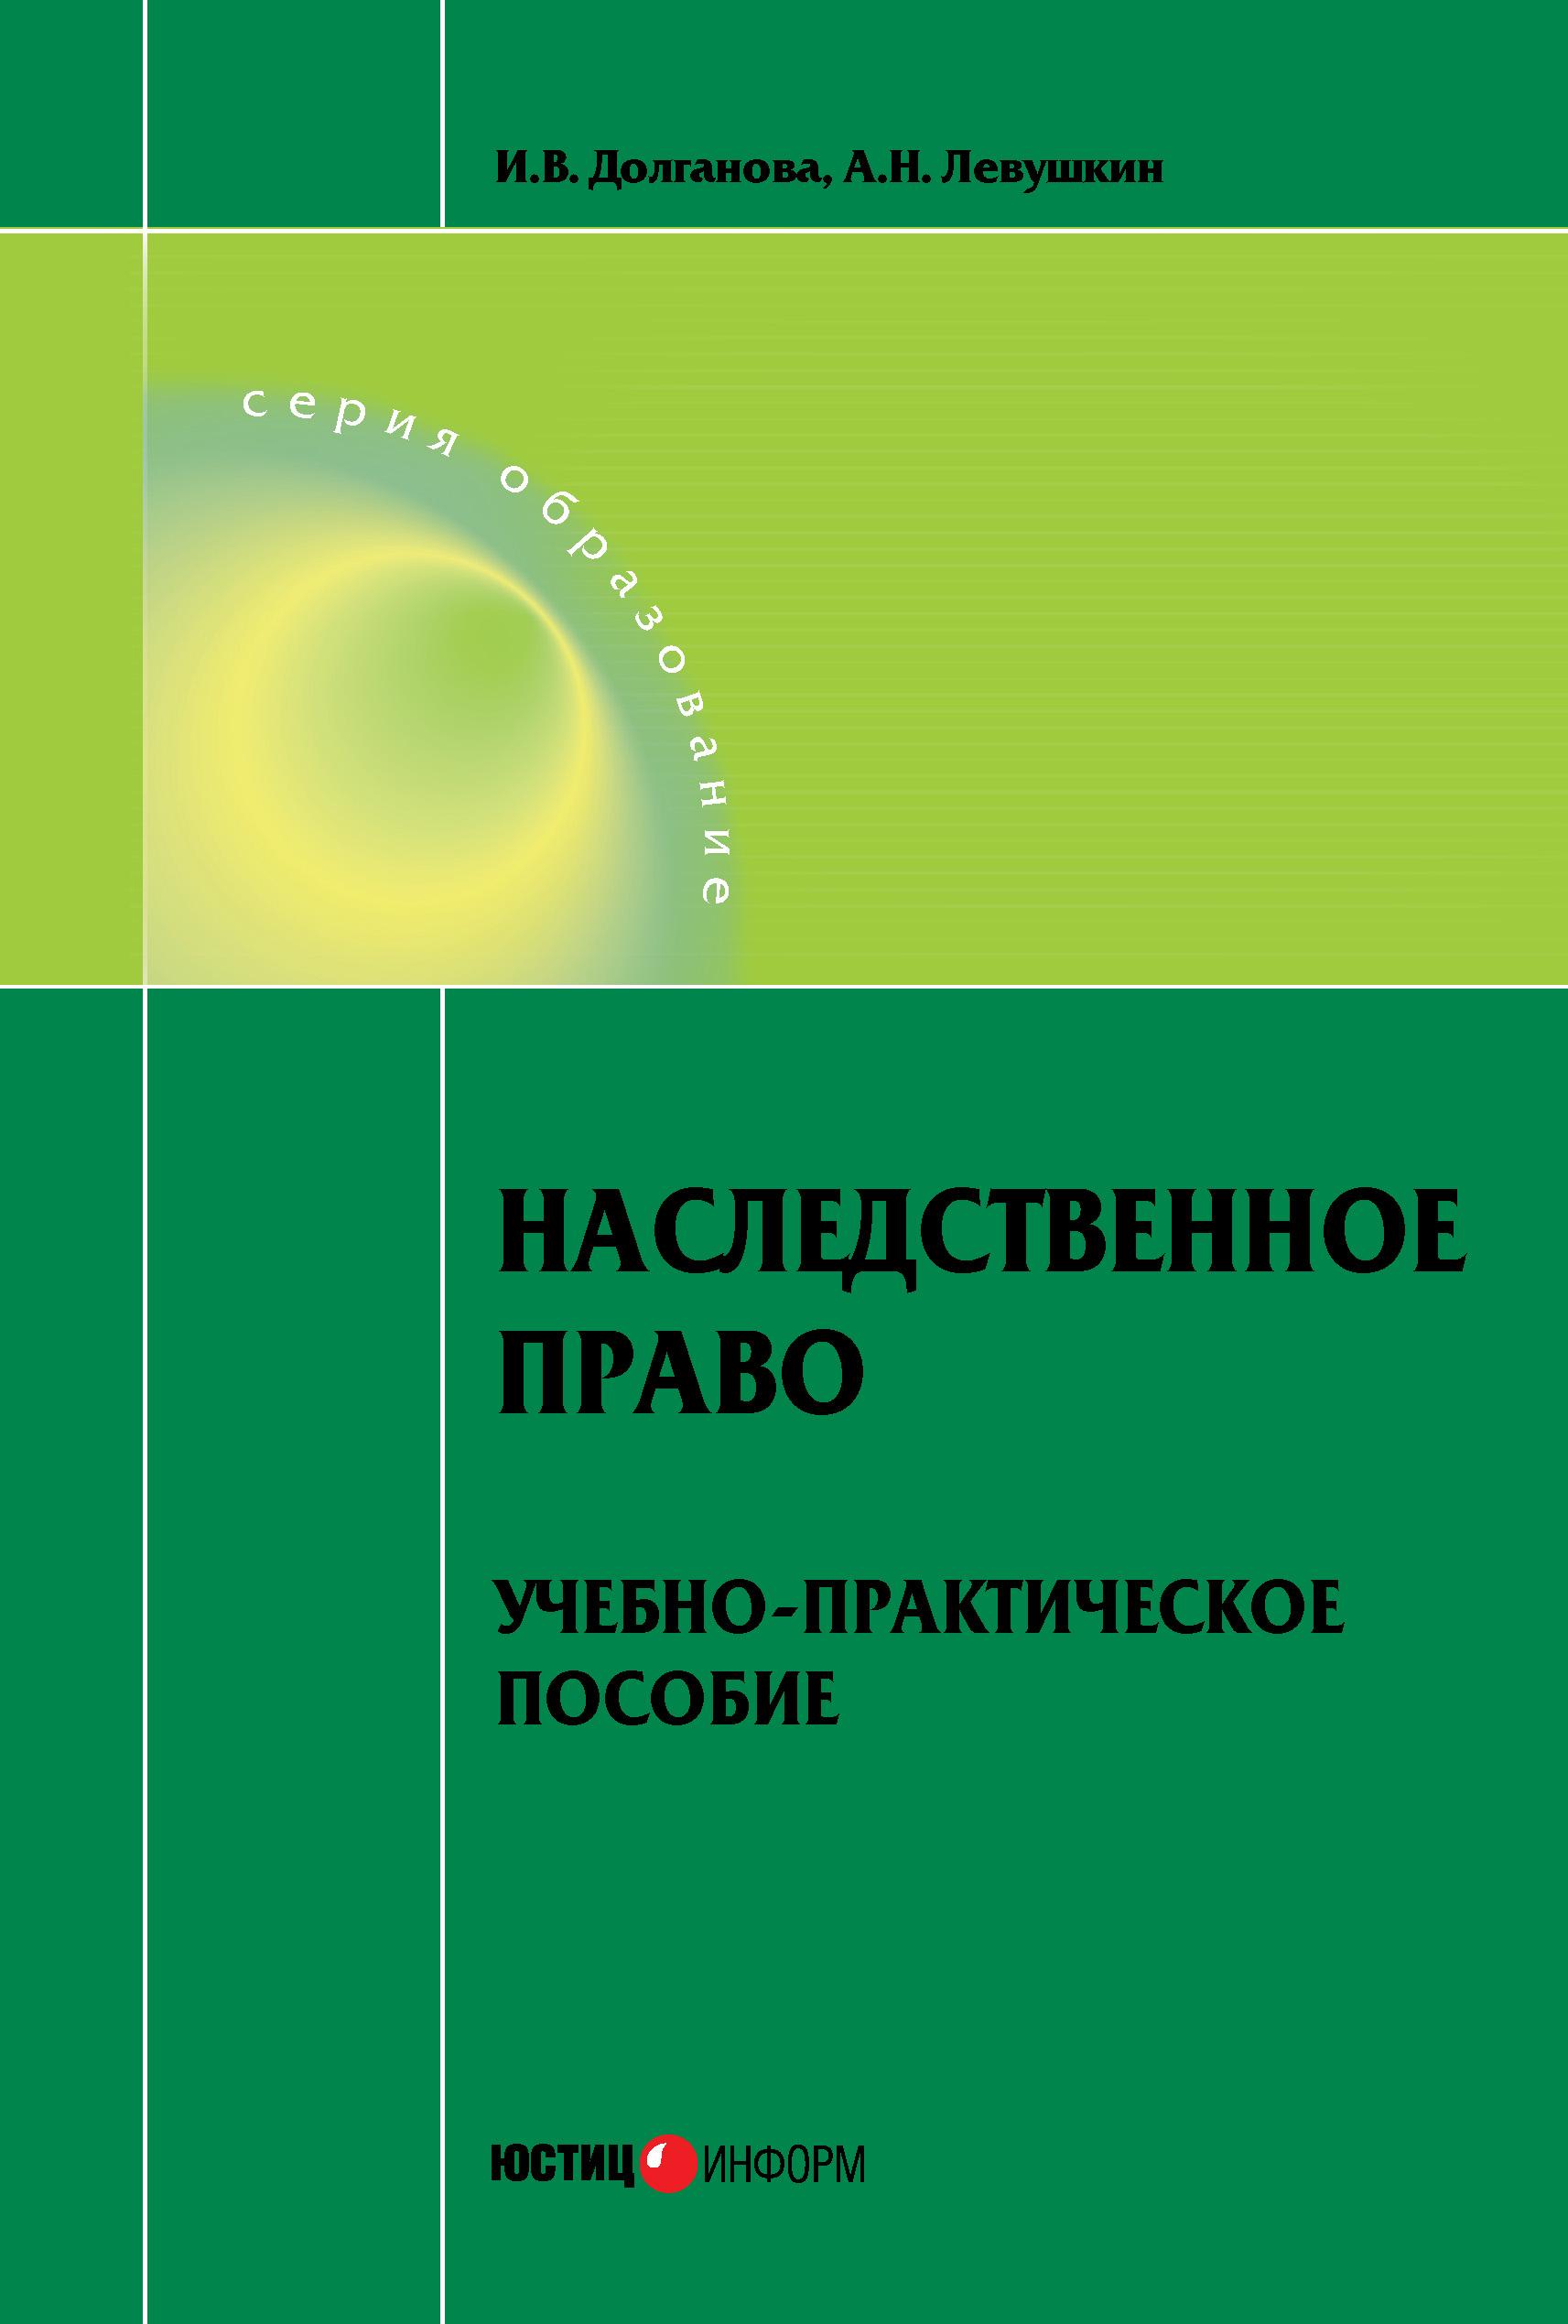 А. Н. Левушкин Наследственное право. Учебно-практическое пособие